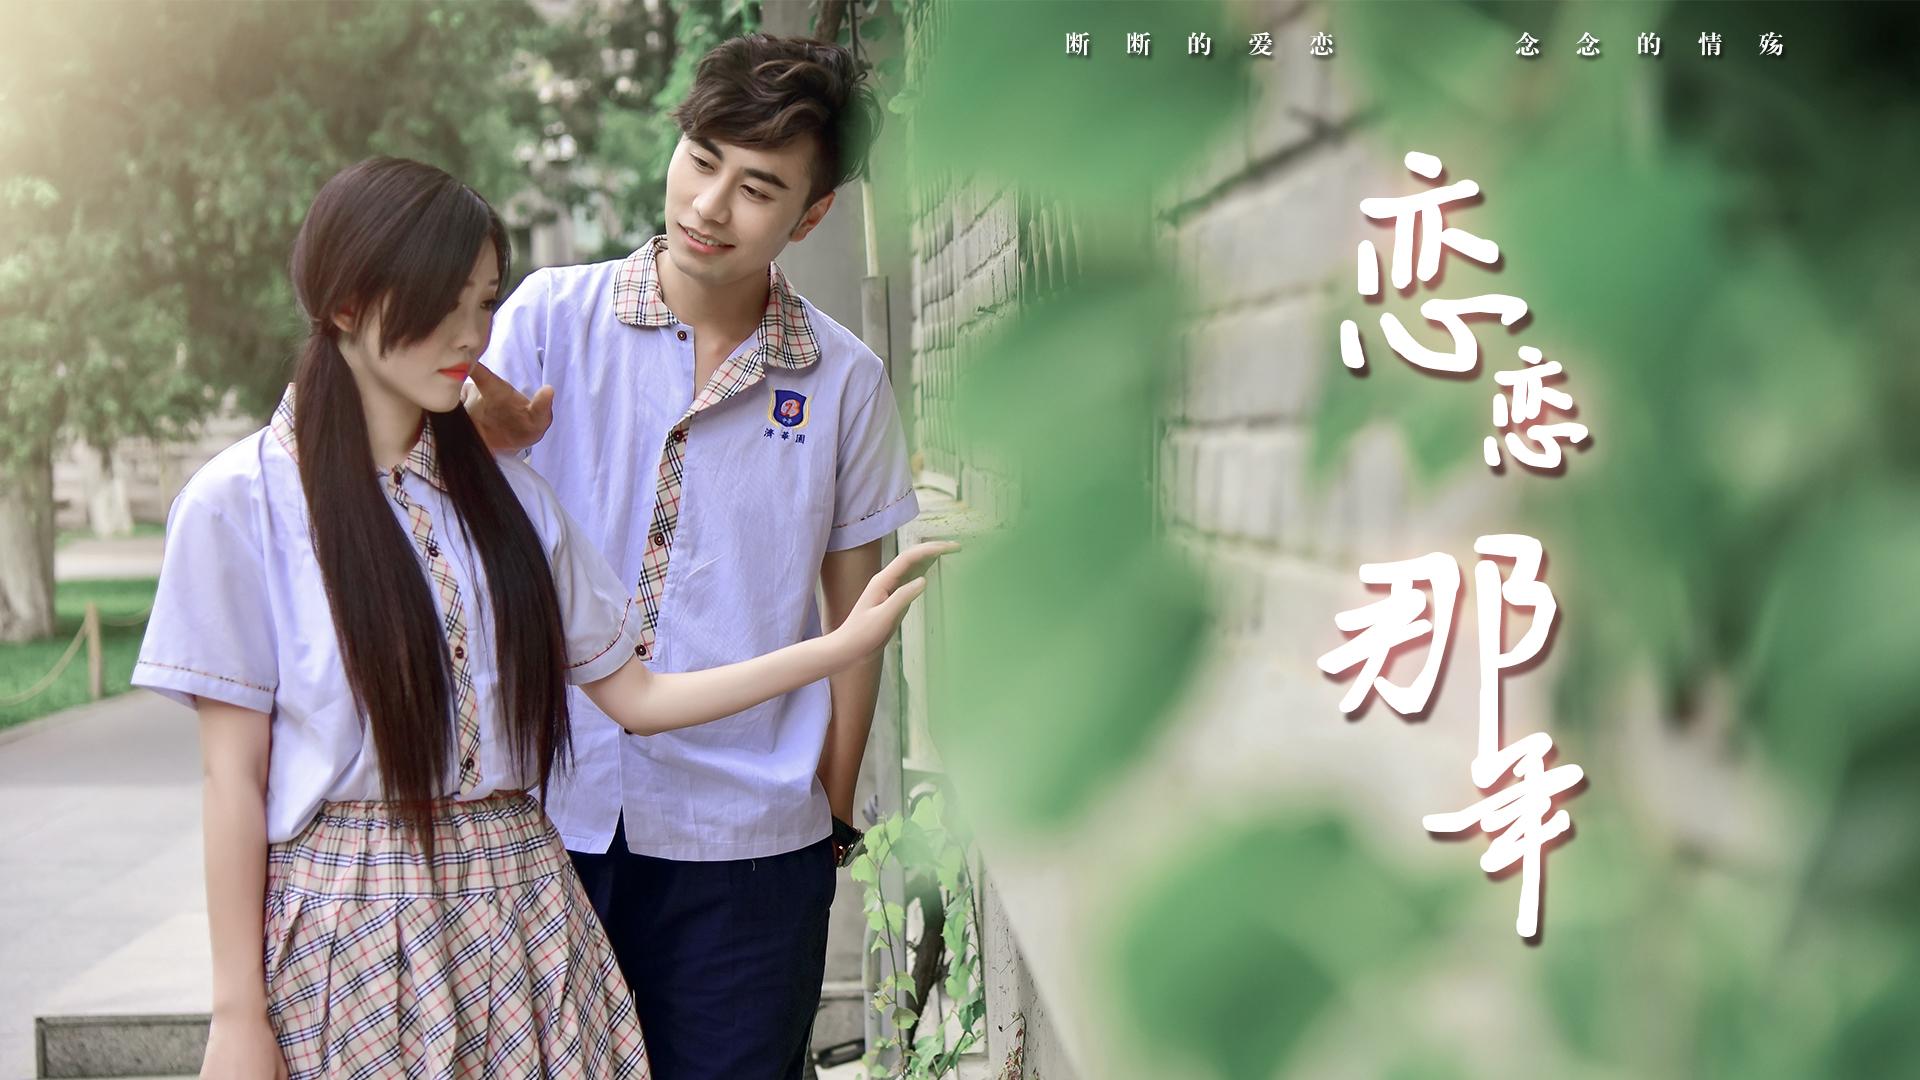 恋恋那年-电影-高清在线观看-搜狐视频会员